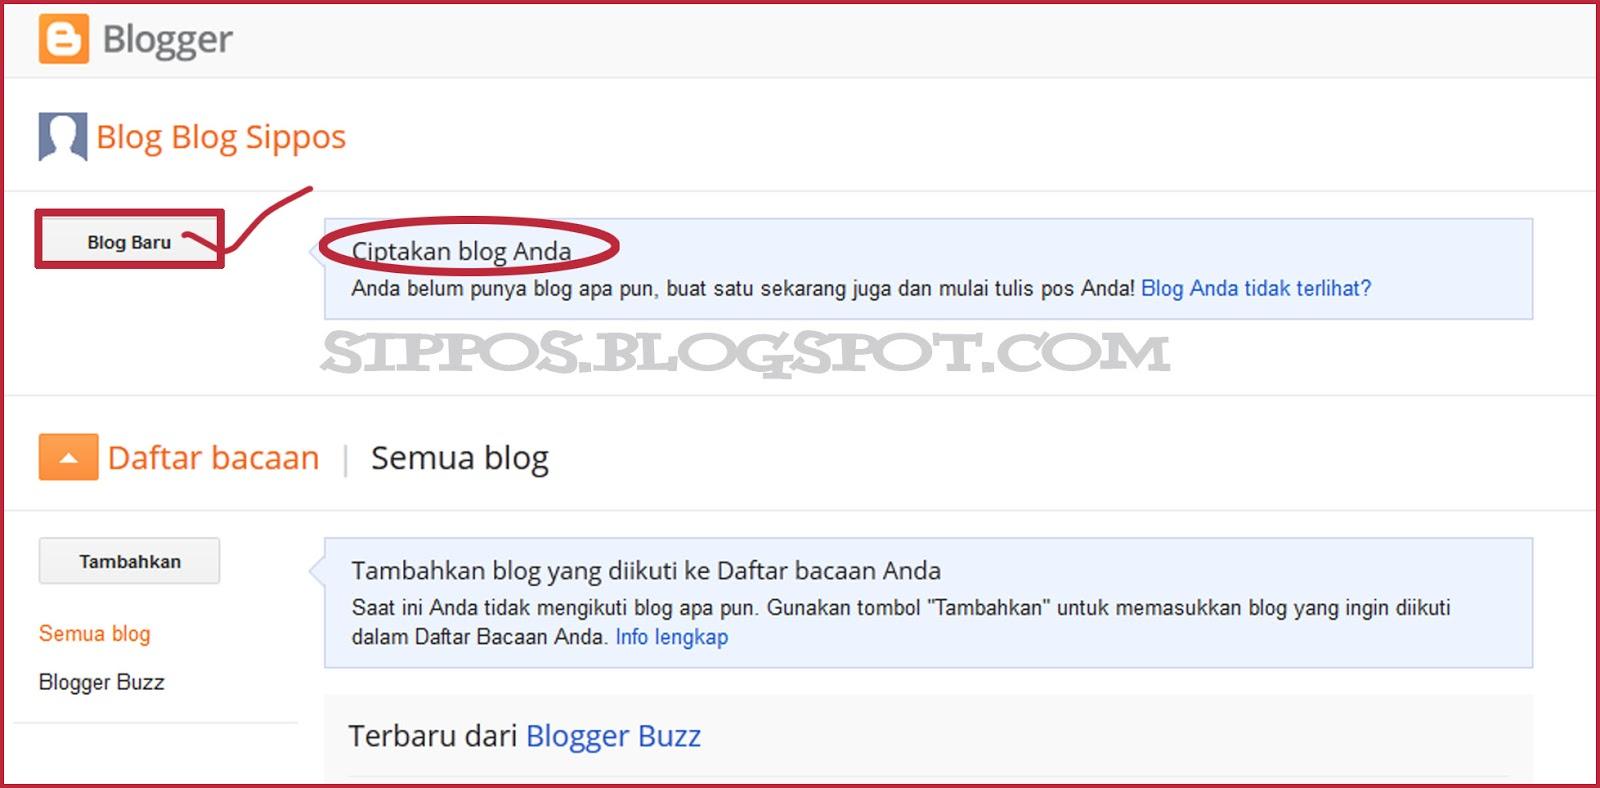 Tutorial Cara Membuat Blog di Blogger Blogspot Lengkap